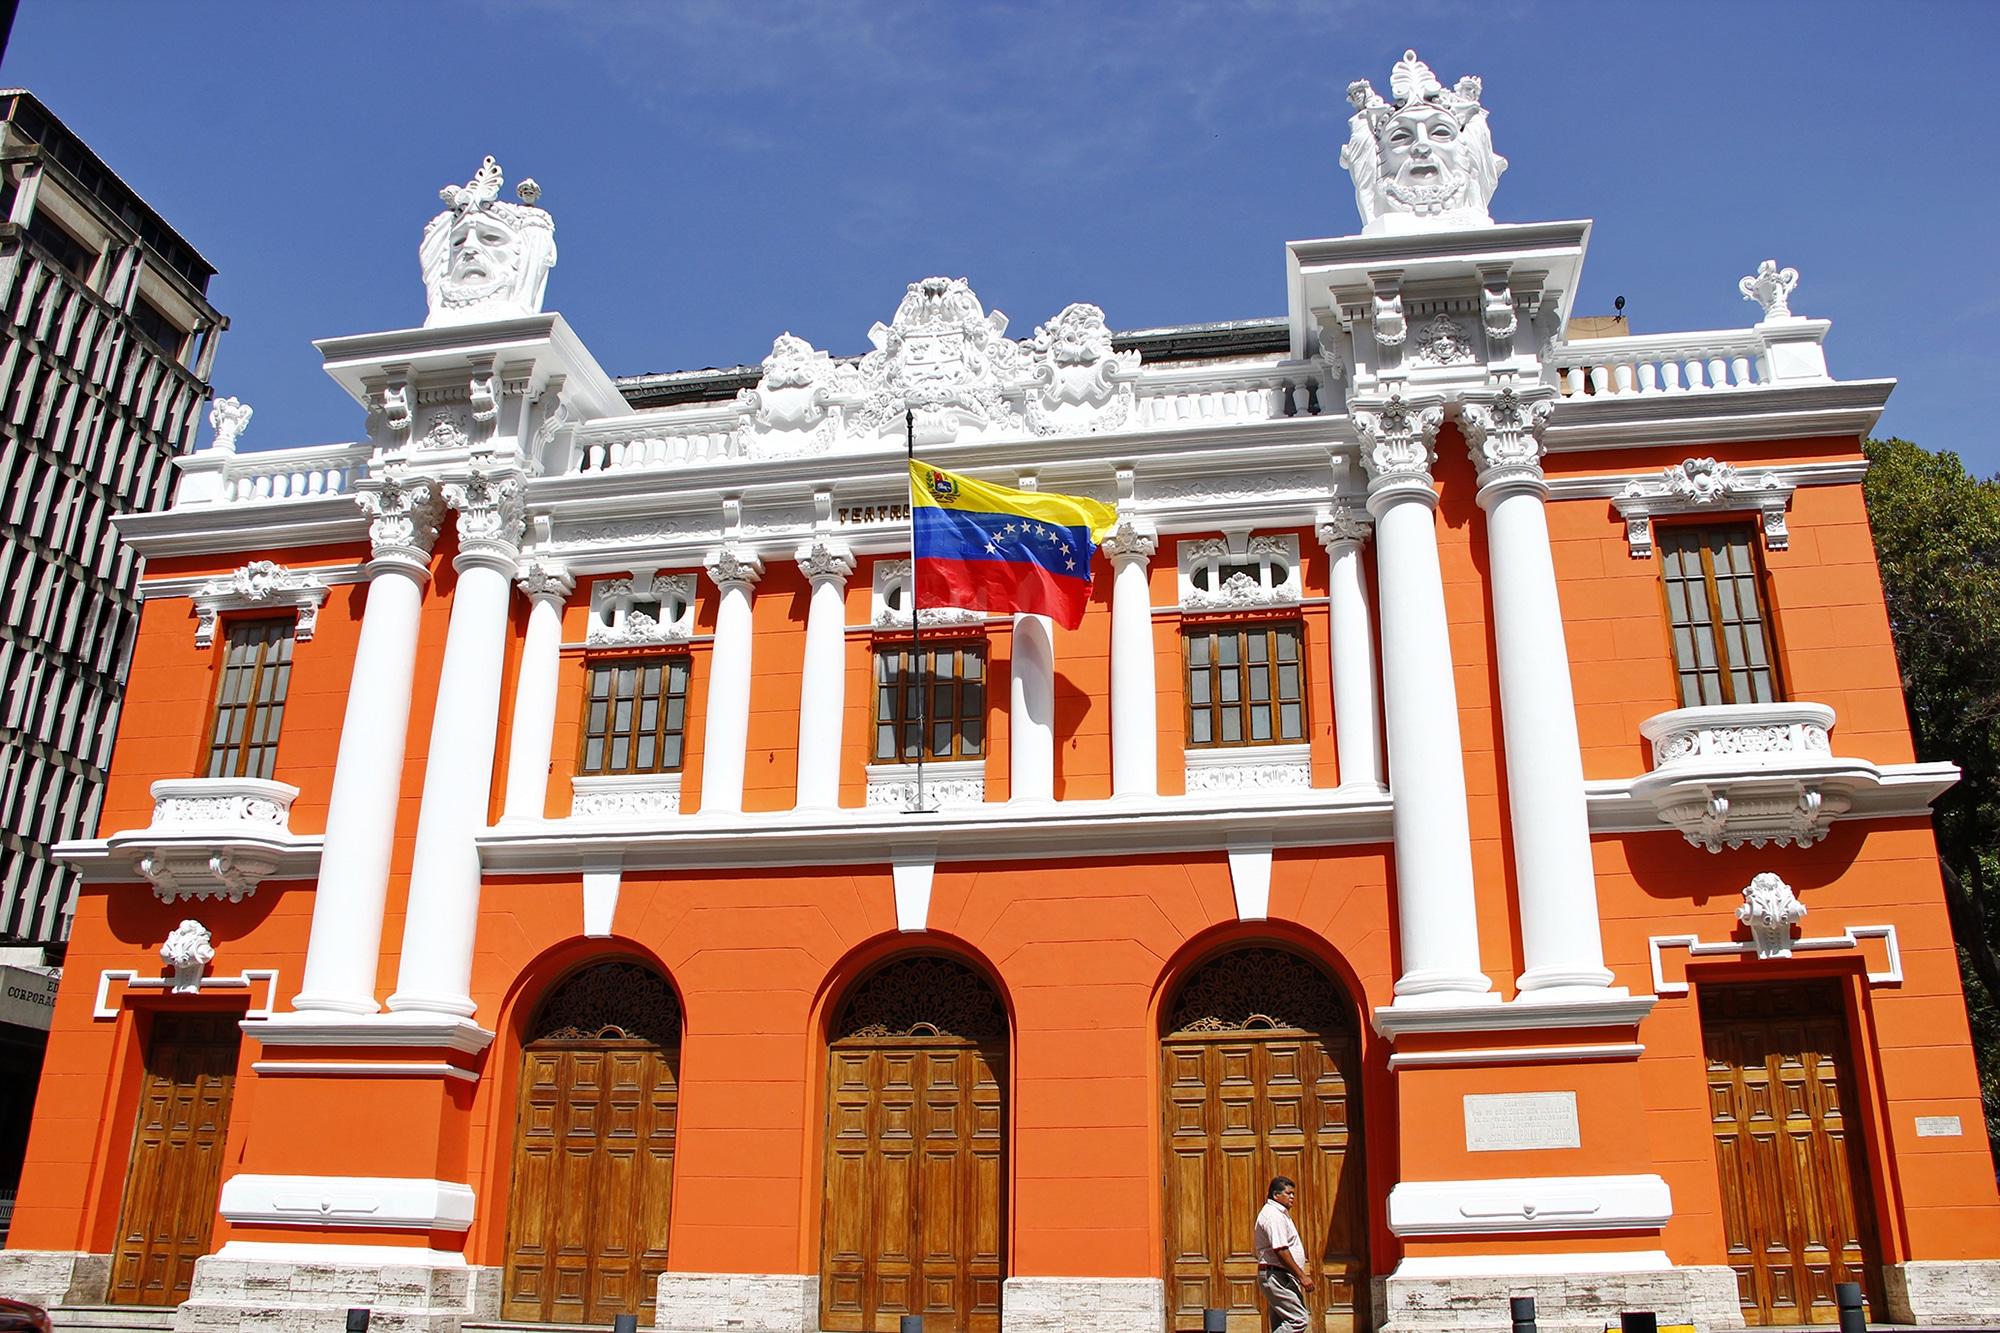 Historia del teatro en venezuela-teatro nacional